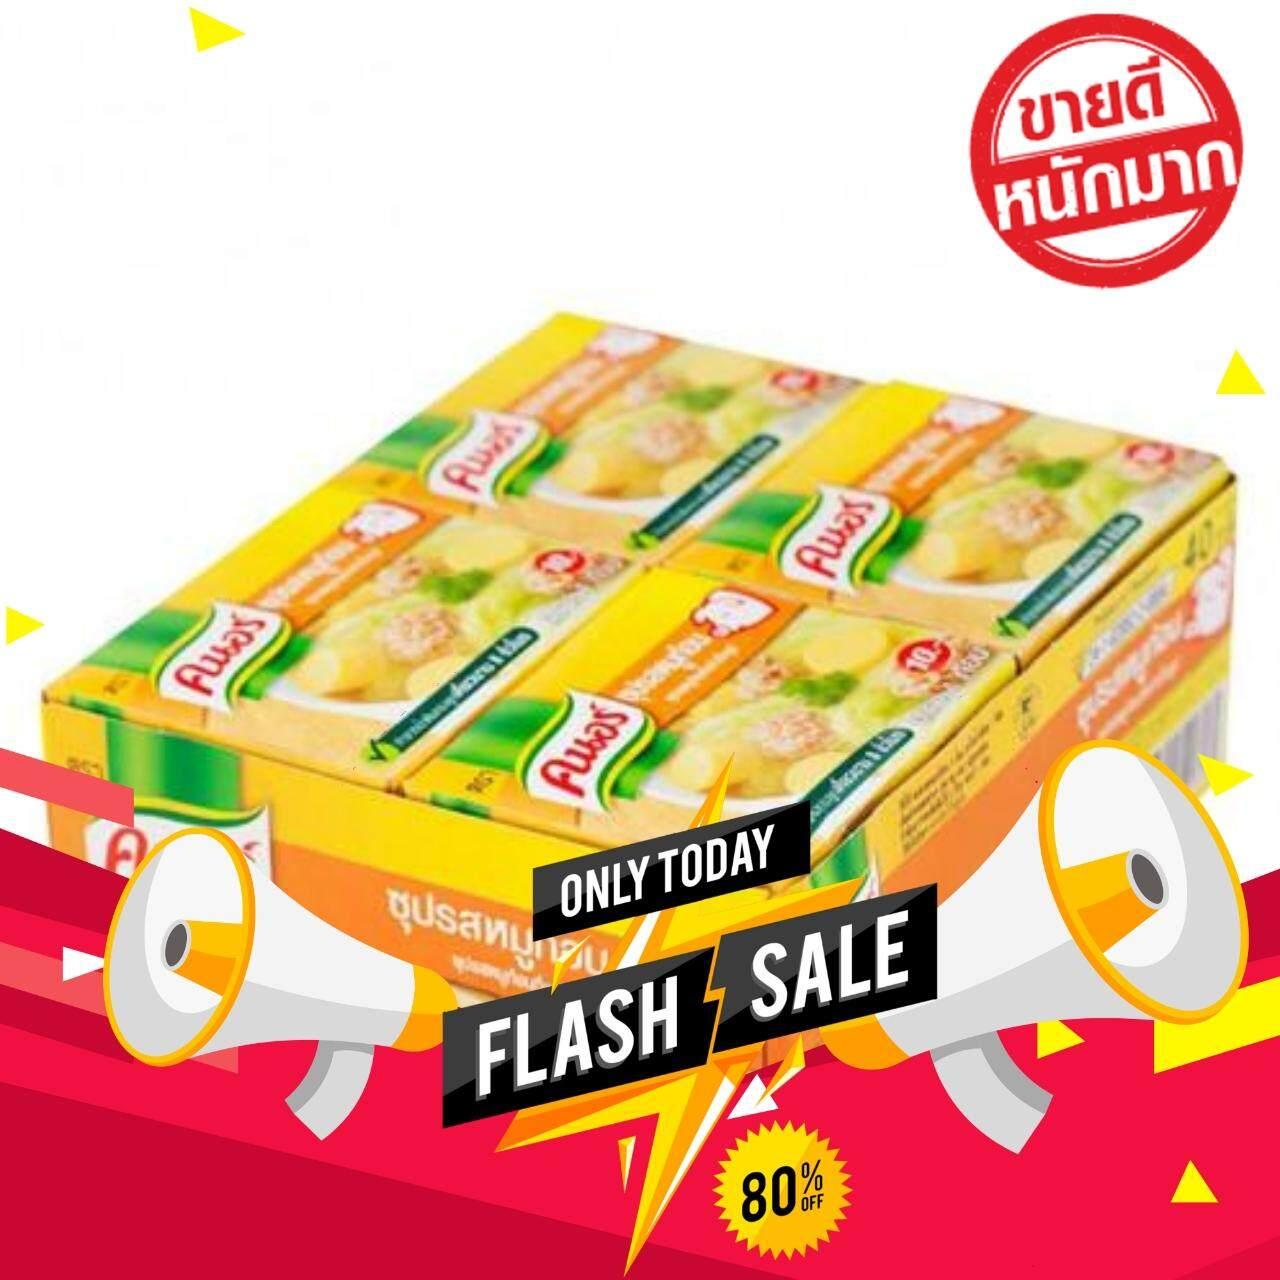 ((จัดโปร)) คนอร์ ซุปรสหมูก้อน 40 กรัม แพ็ค 12 ส่วนผสมปรุงอาหาร เกลือ เครื่องเทศ กะทิ น้ำพริก พริกแกง ซอสถั่วเหลือง ซอสพริก ซอสมะเขือเทศ ซอสหอยนางรม ซอสอื่นๆ ซุปก้อน ผงปรุงรส น้ำจิ้ม น้ำตาล น้ำปลา น้ำมัน น้ำส้มสายชู ของแท้ 100% ราคาถูก